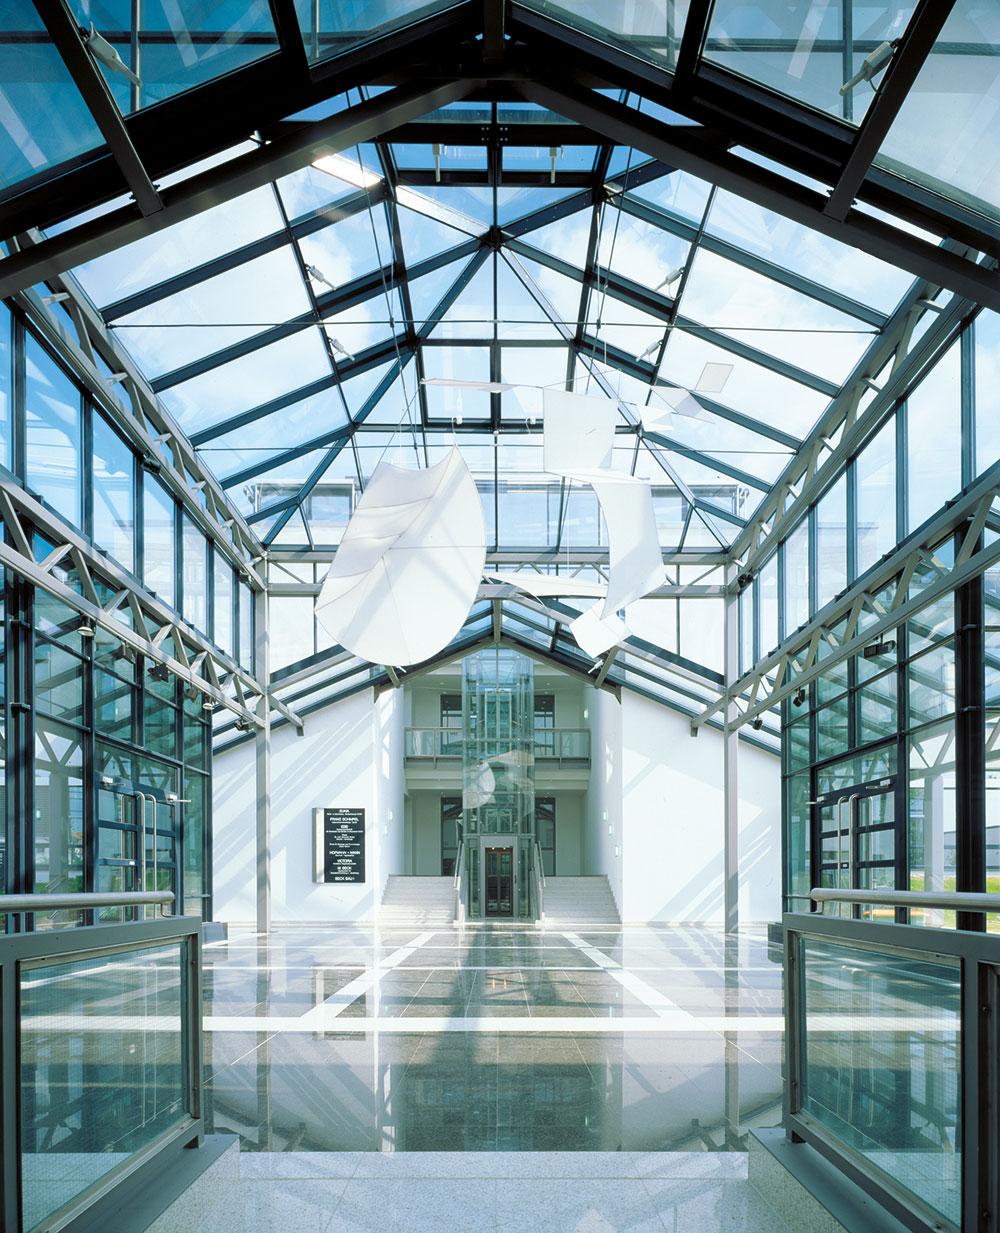 Architekten Regensburg eukia wohn und industriebau baubetreuungs gmbh regensburg